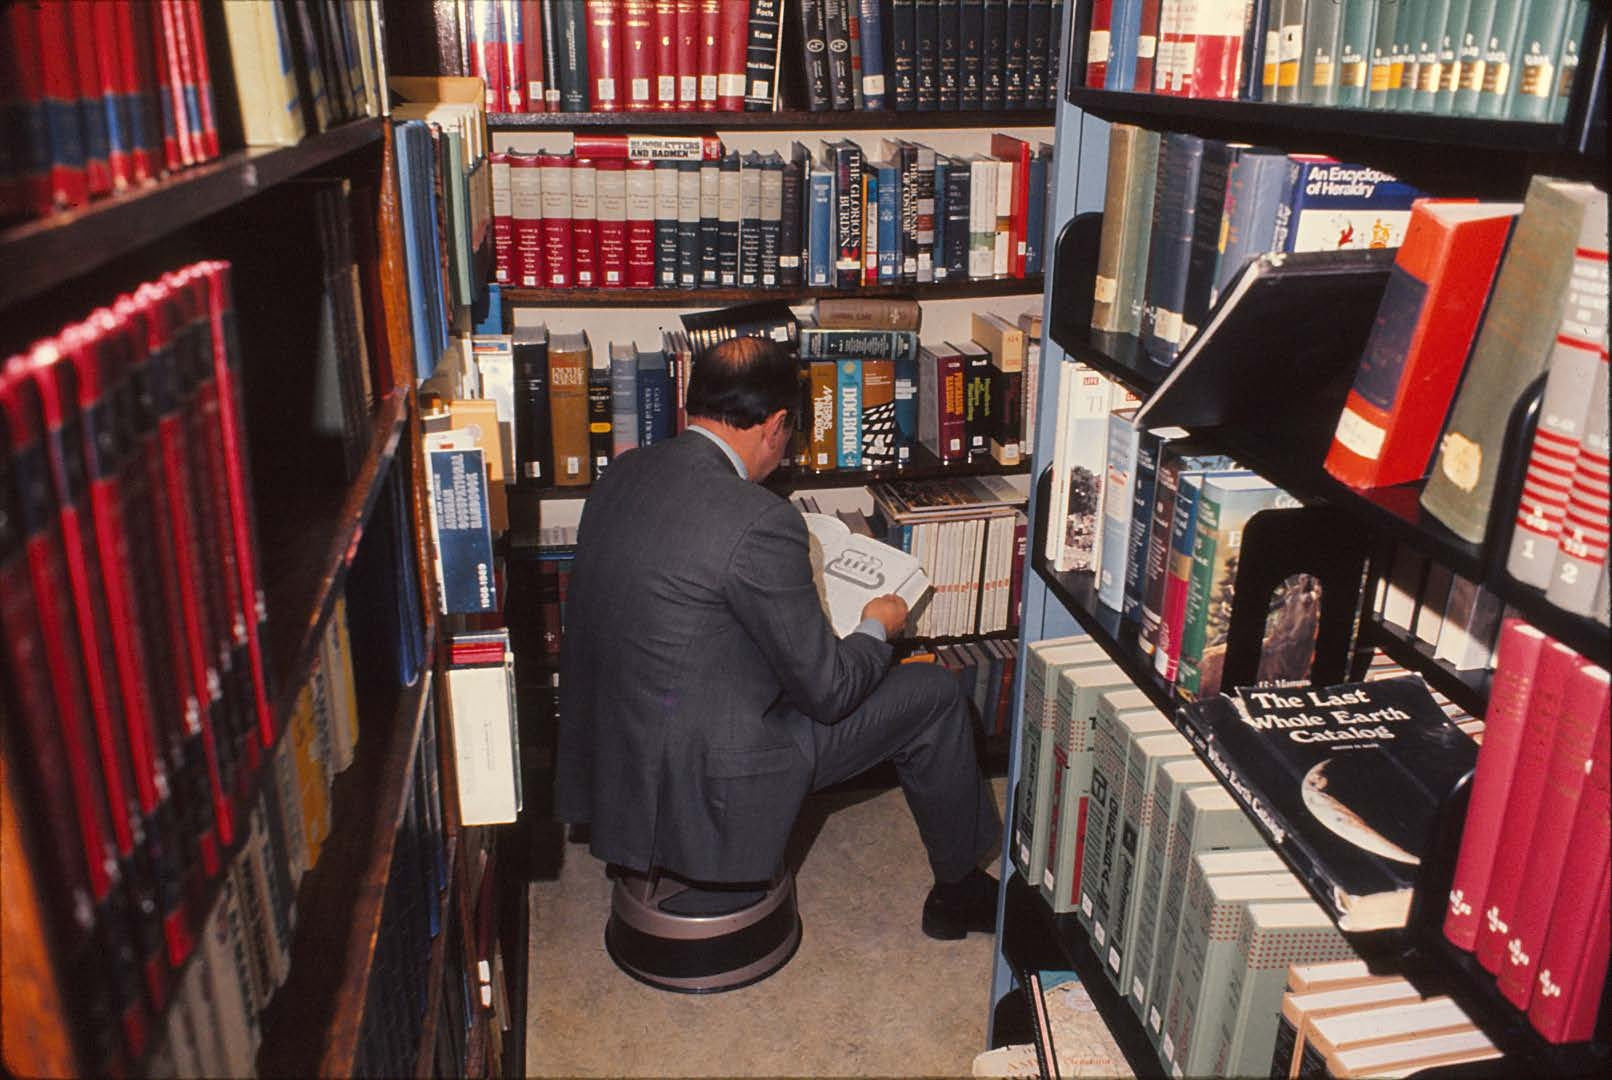 1974 Library slides